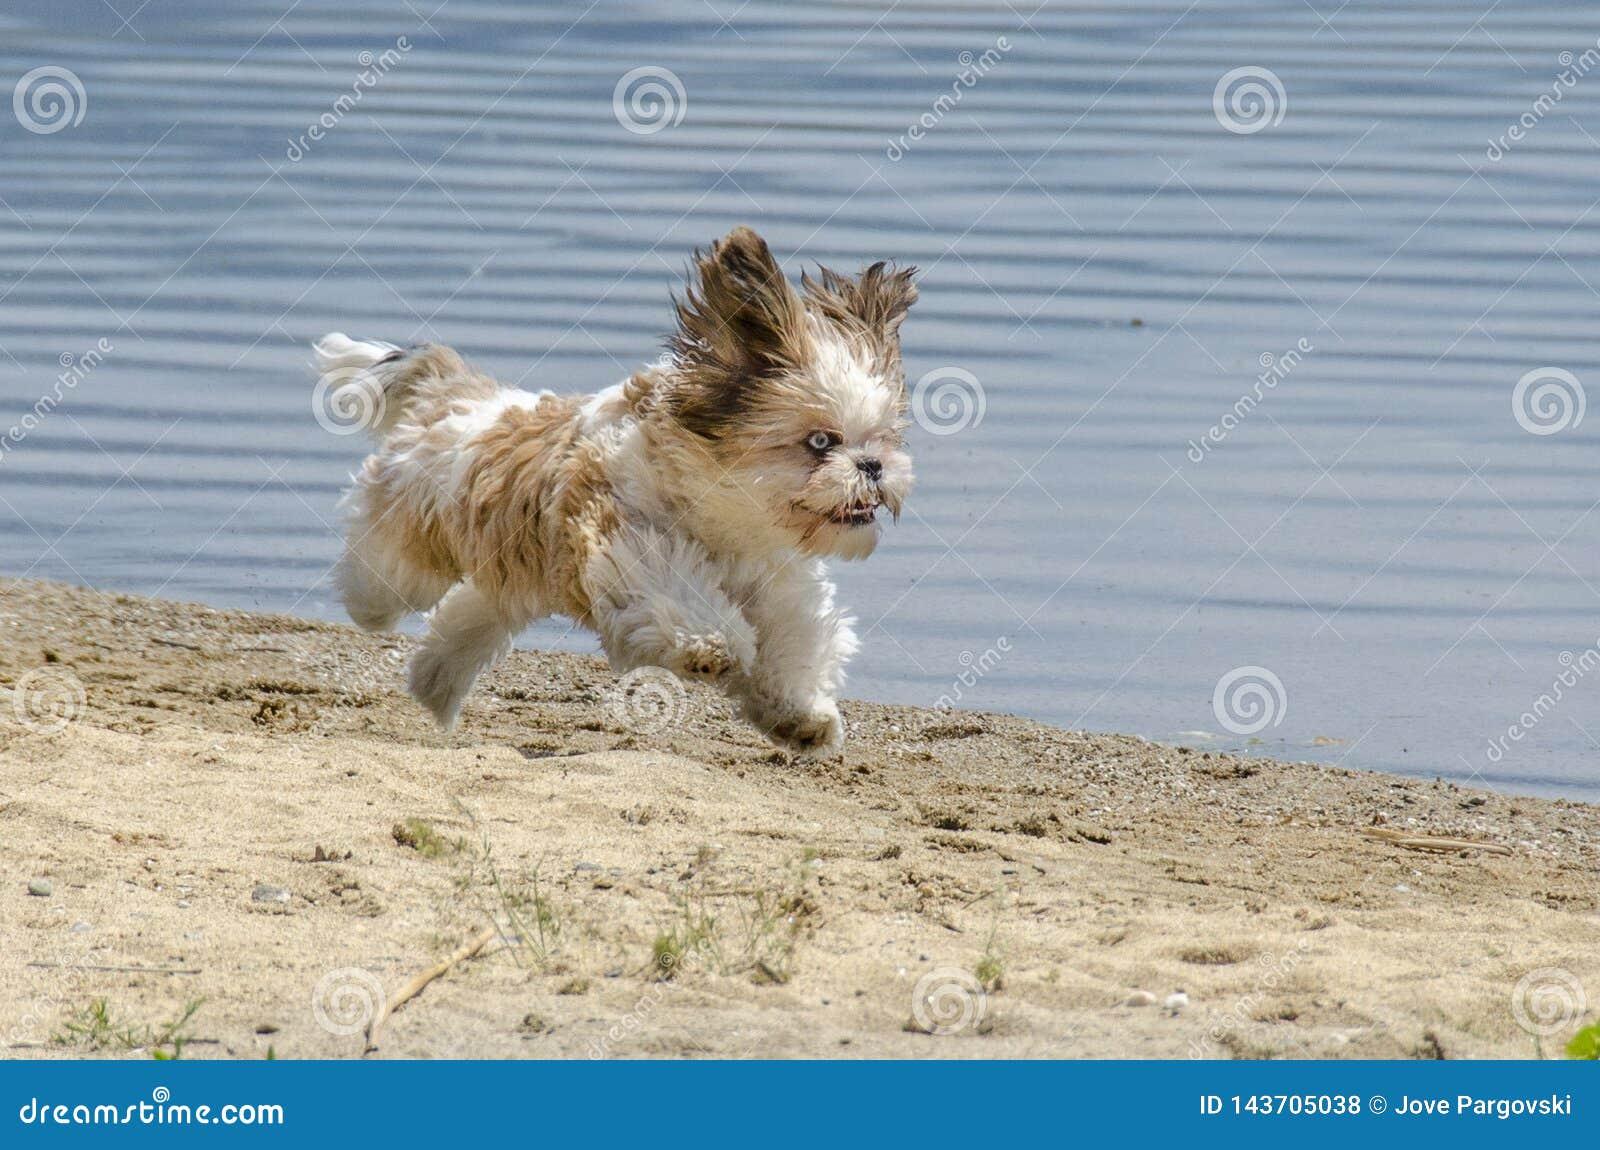 Shih Tzu Puppy Running On Beach Stock Photo Image Of Small Beach 143705038